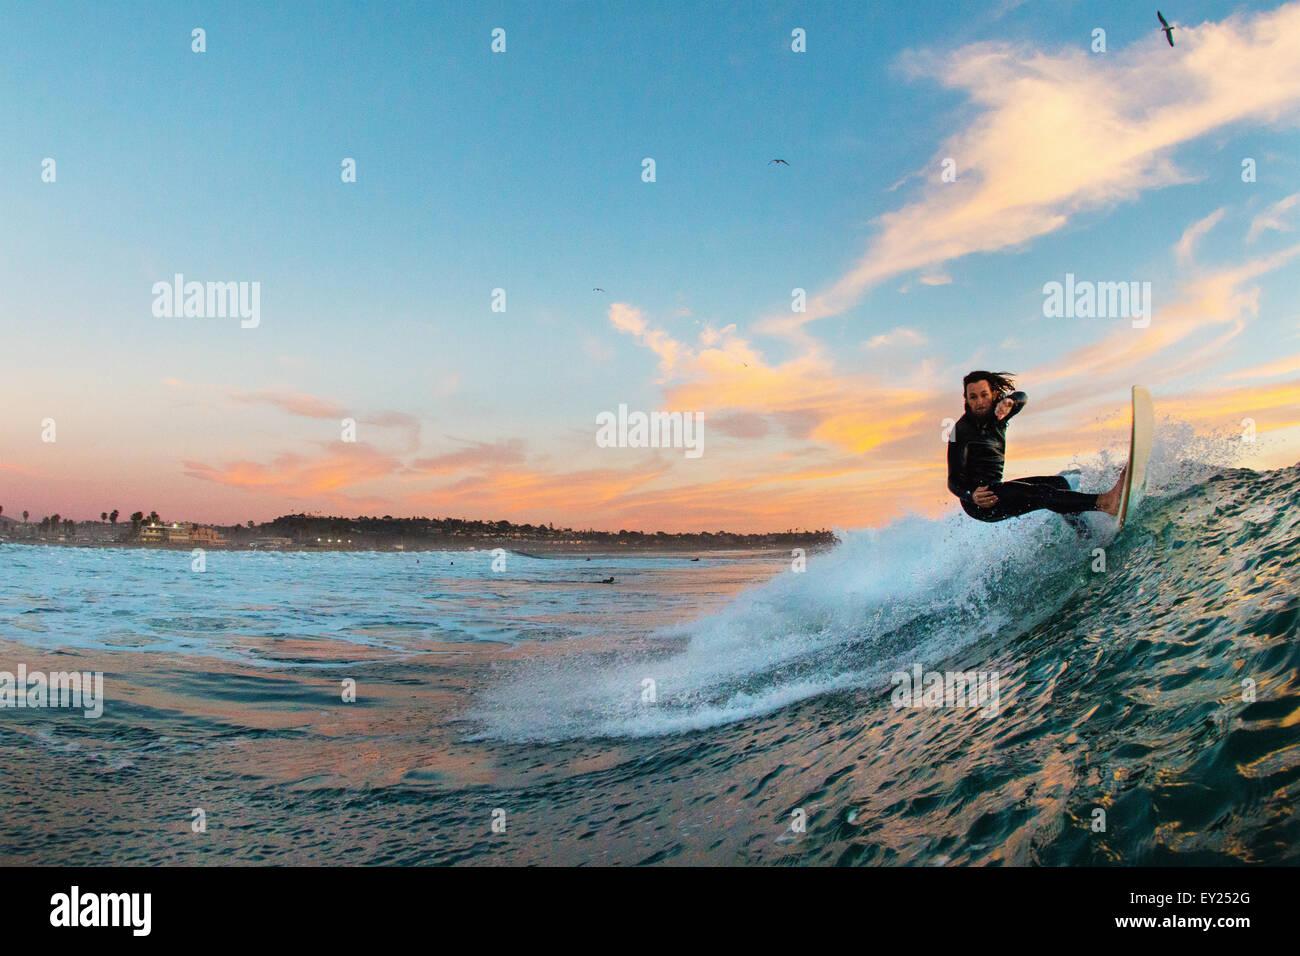 Giovane maschio surfer surf un'onda, Cardiff-per-il-Mare, CALIFORNIA, STATI UNITI D'AMERICA Immagini Stock